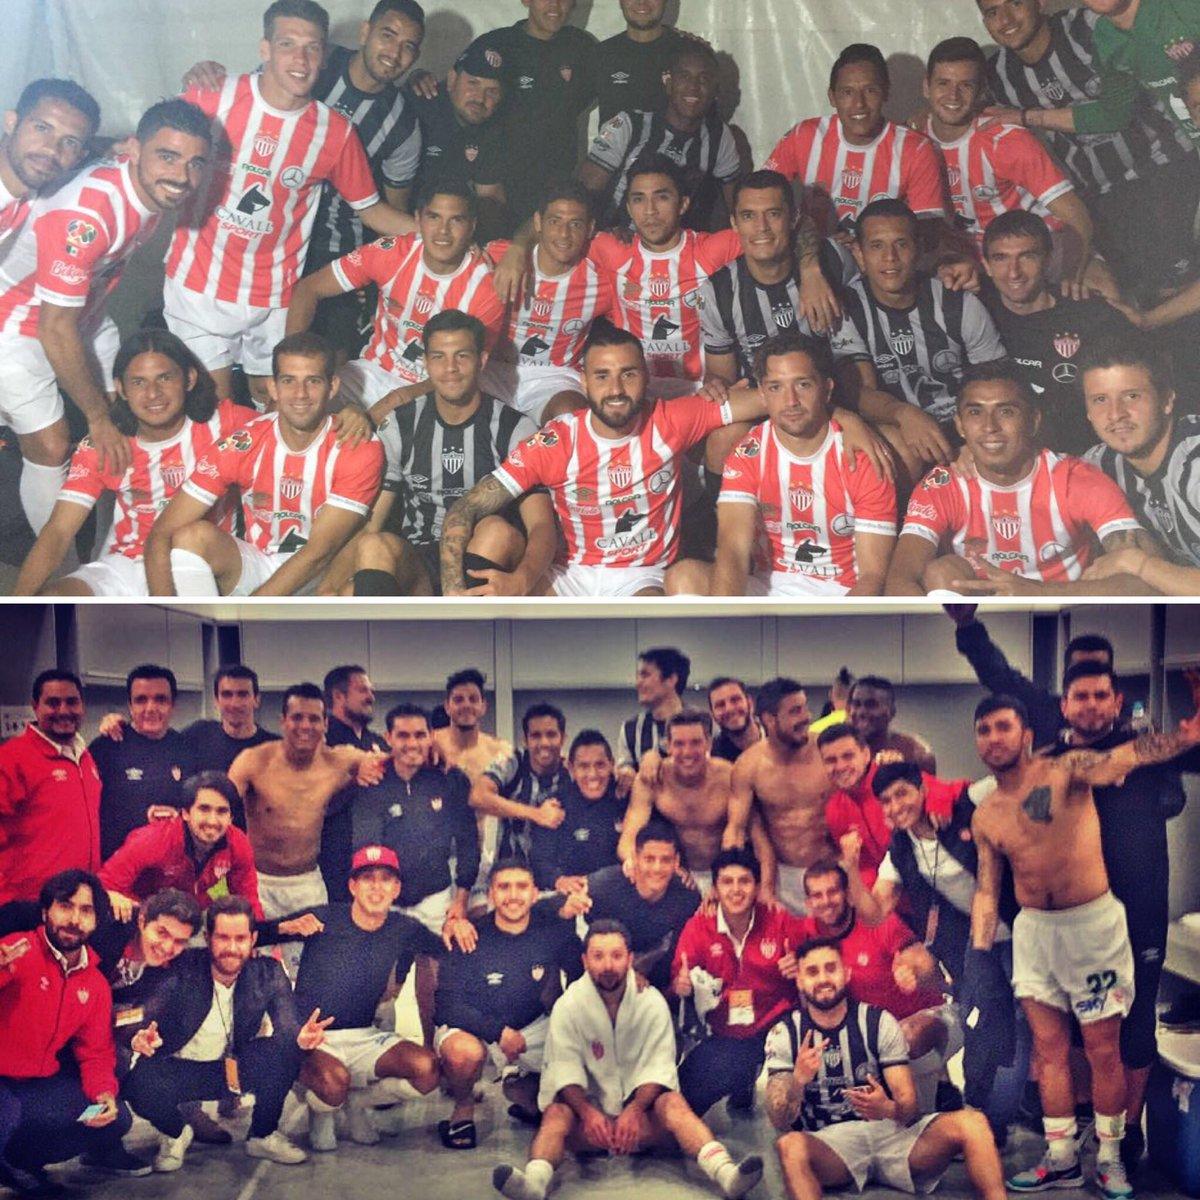 Lo que bien empieza bien acaba @ClubNecaxa vamos juntos por la victoria #FuerzaRayos #Familia #JuntosXTodo https://t.co/DRrwH5FepA